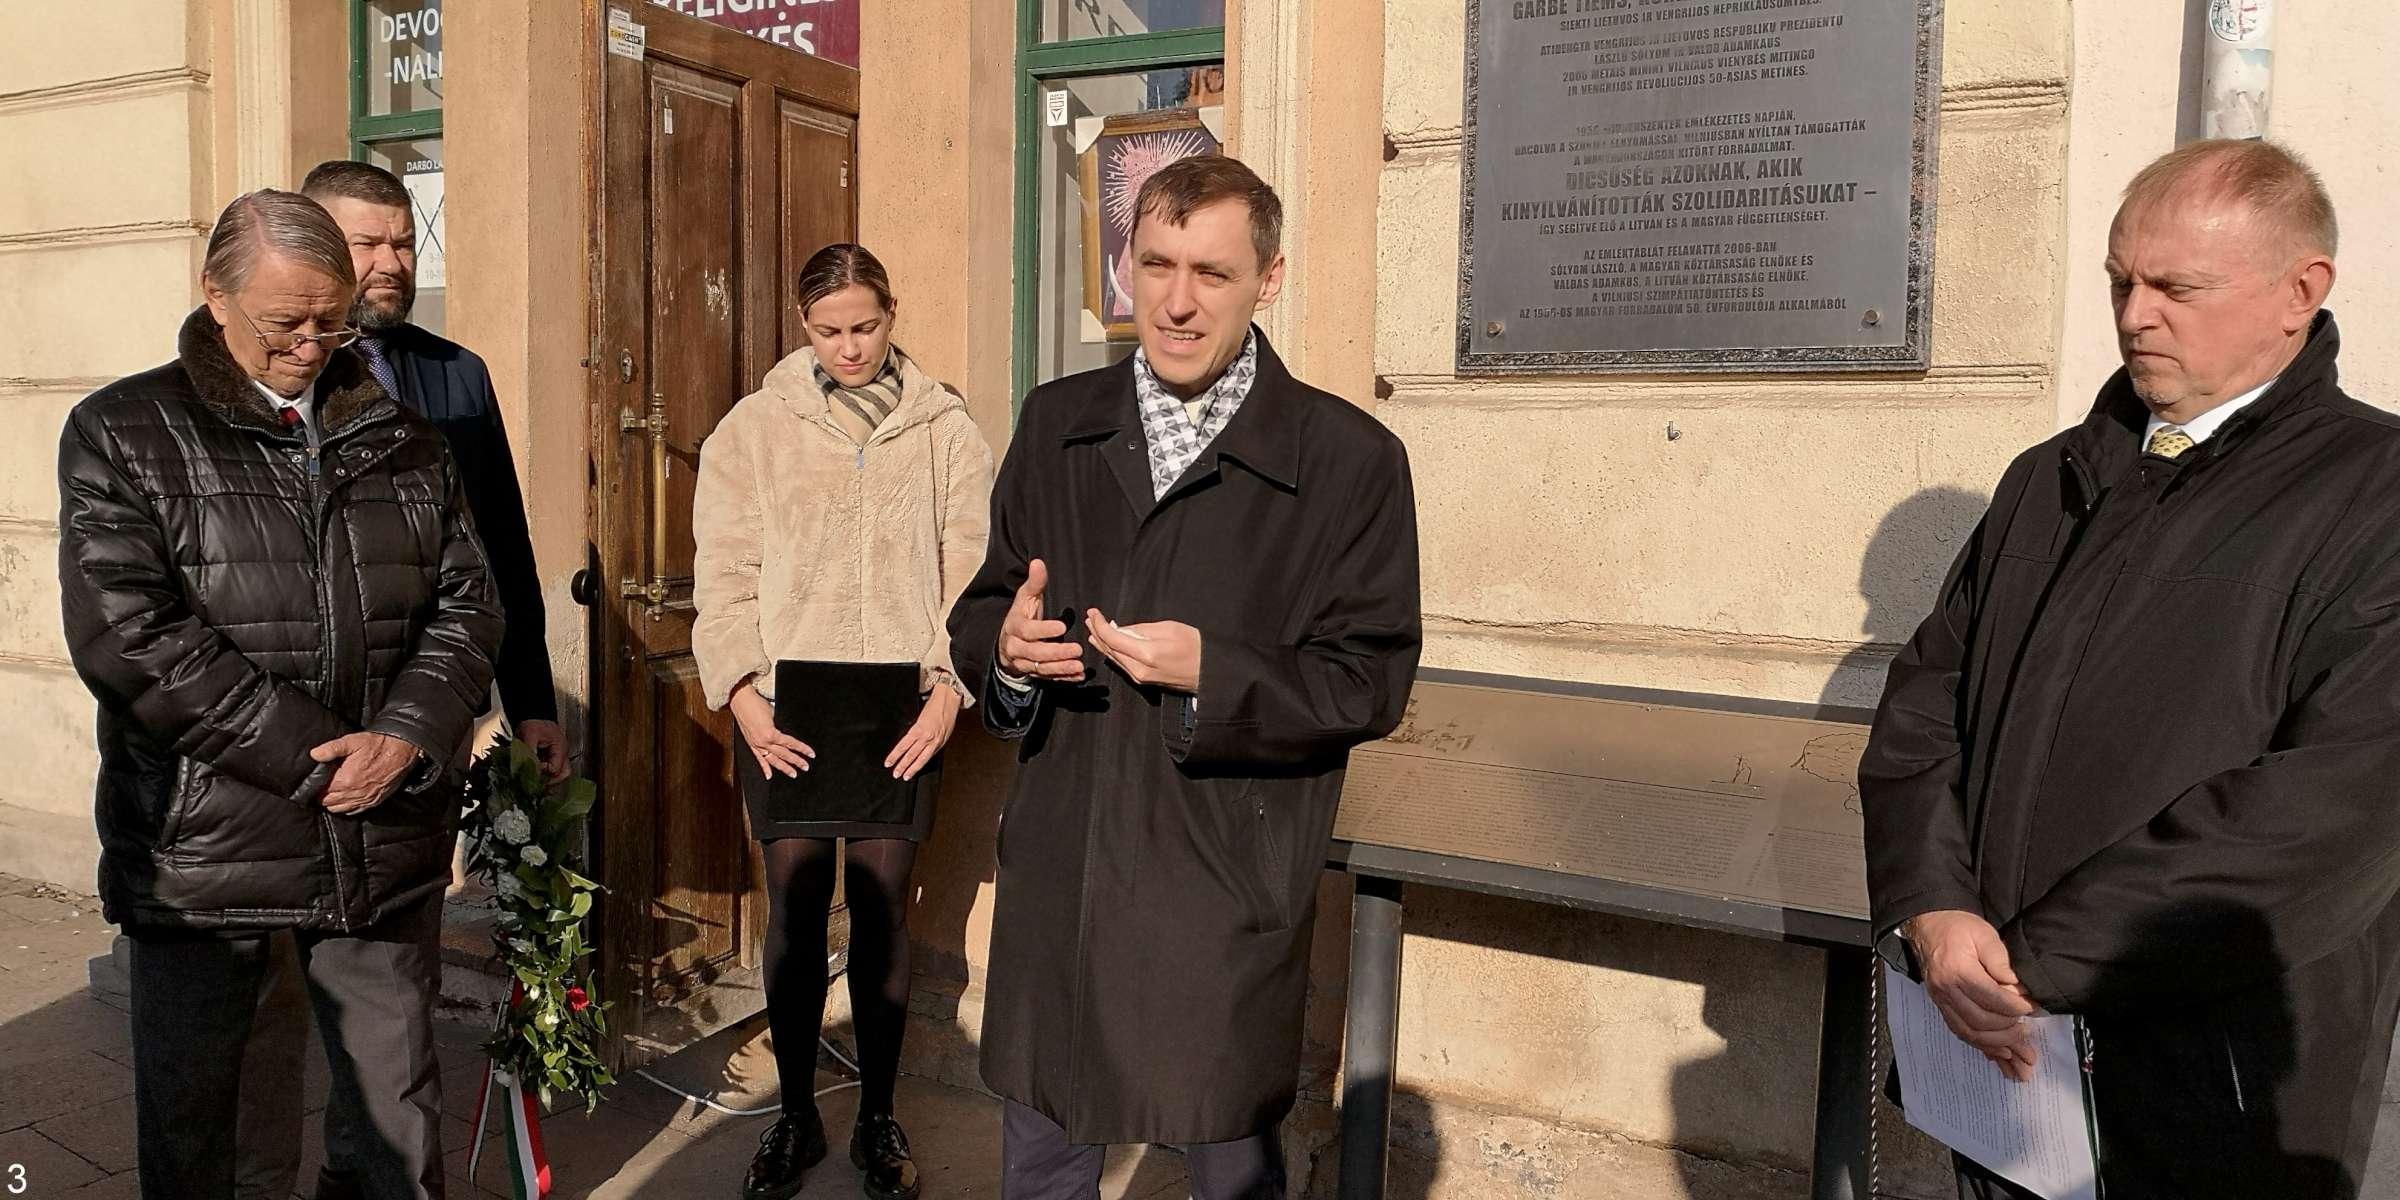 Vilniuje prie Aušros Vartų įrengtos memorialinės lentos kalba istorikas Darius Juodis. Greta jo (dešinėje) - Vengrijos ambasadorius J.E. p. Gaboras Dičaži   E. Paškauskienės ir A. Grigaitienės nuotr.